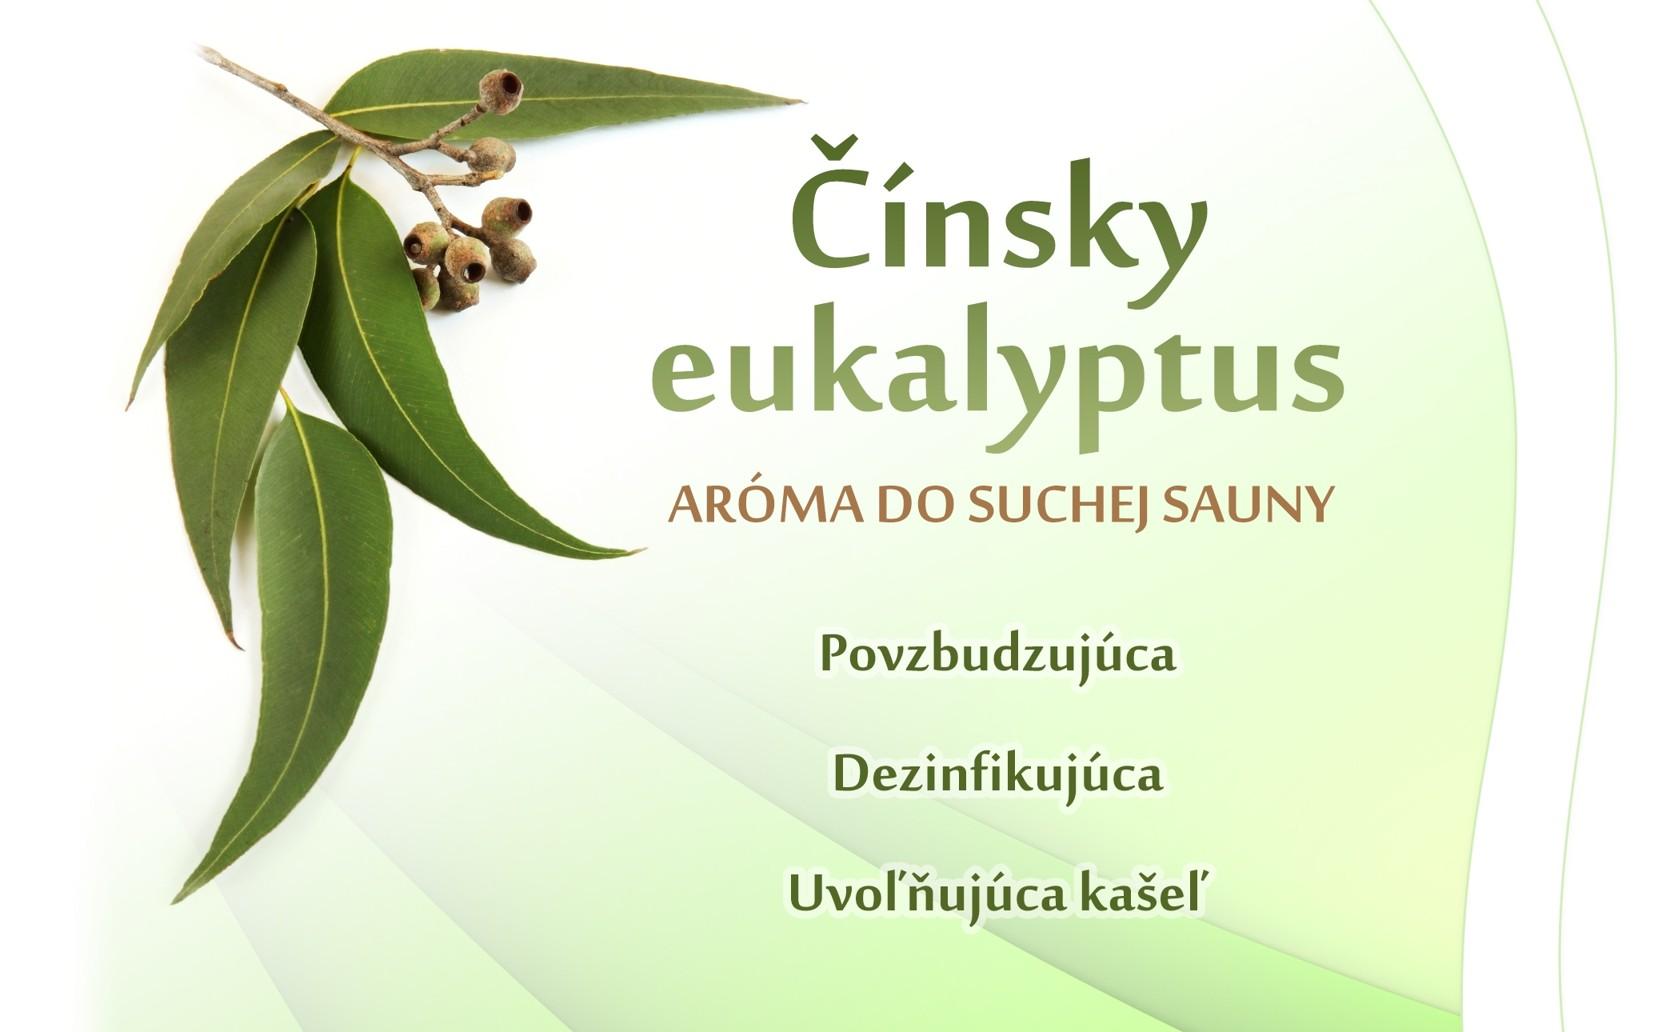 Čínsky eukaliptus - suchá sauna